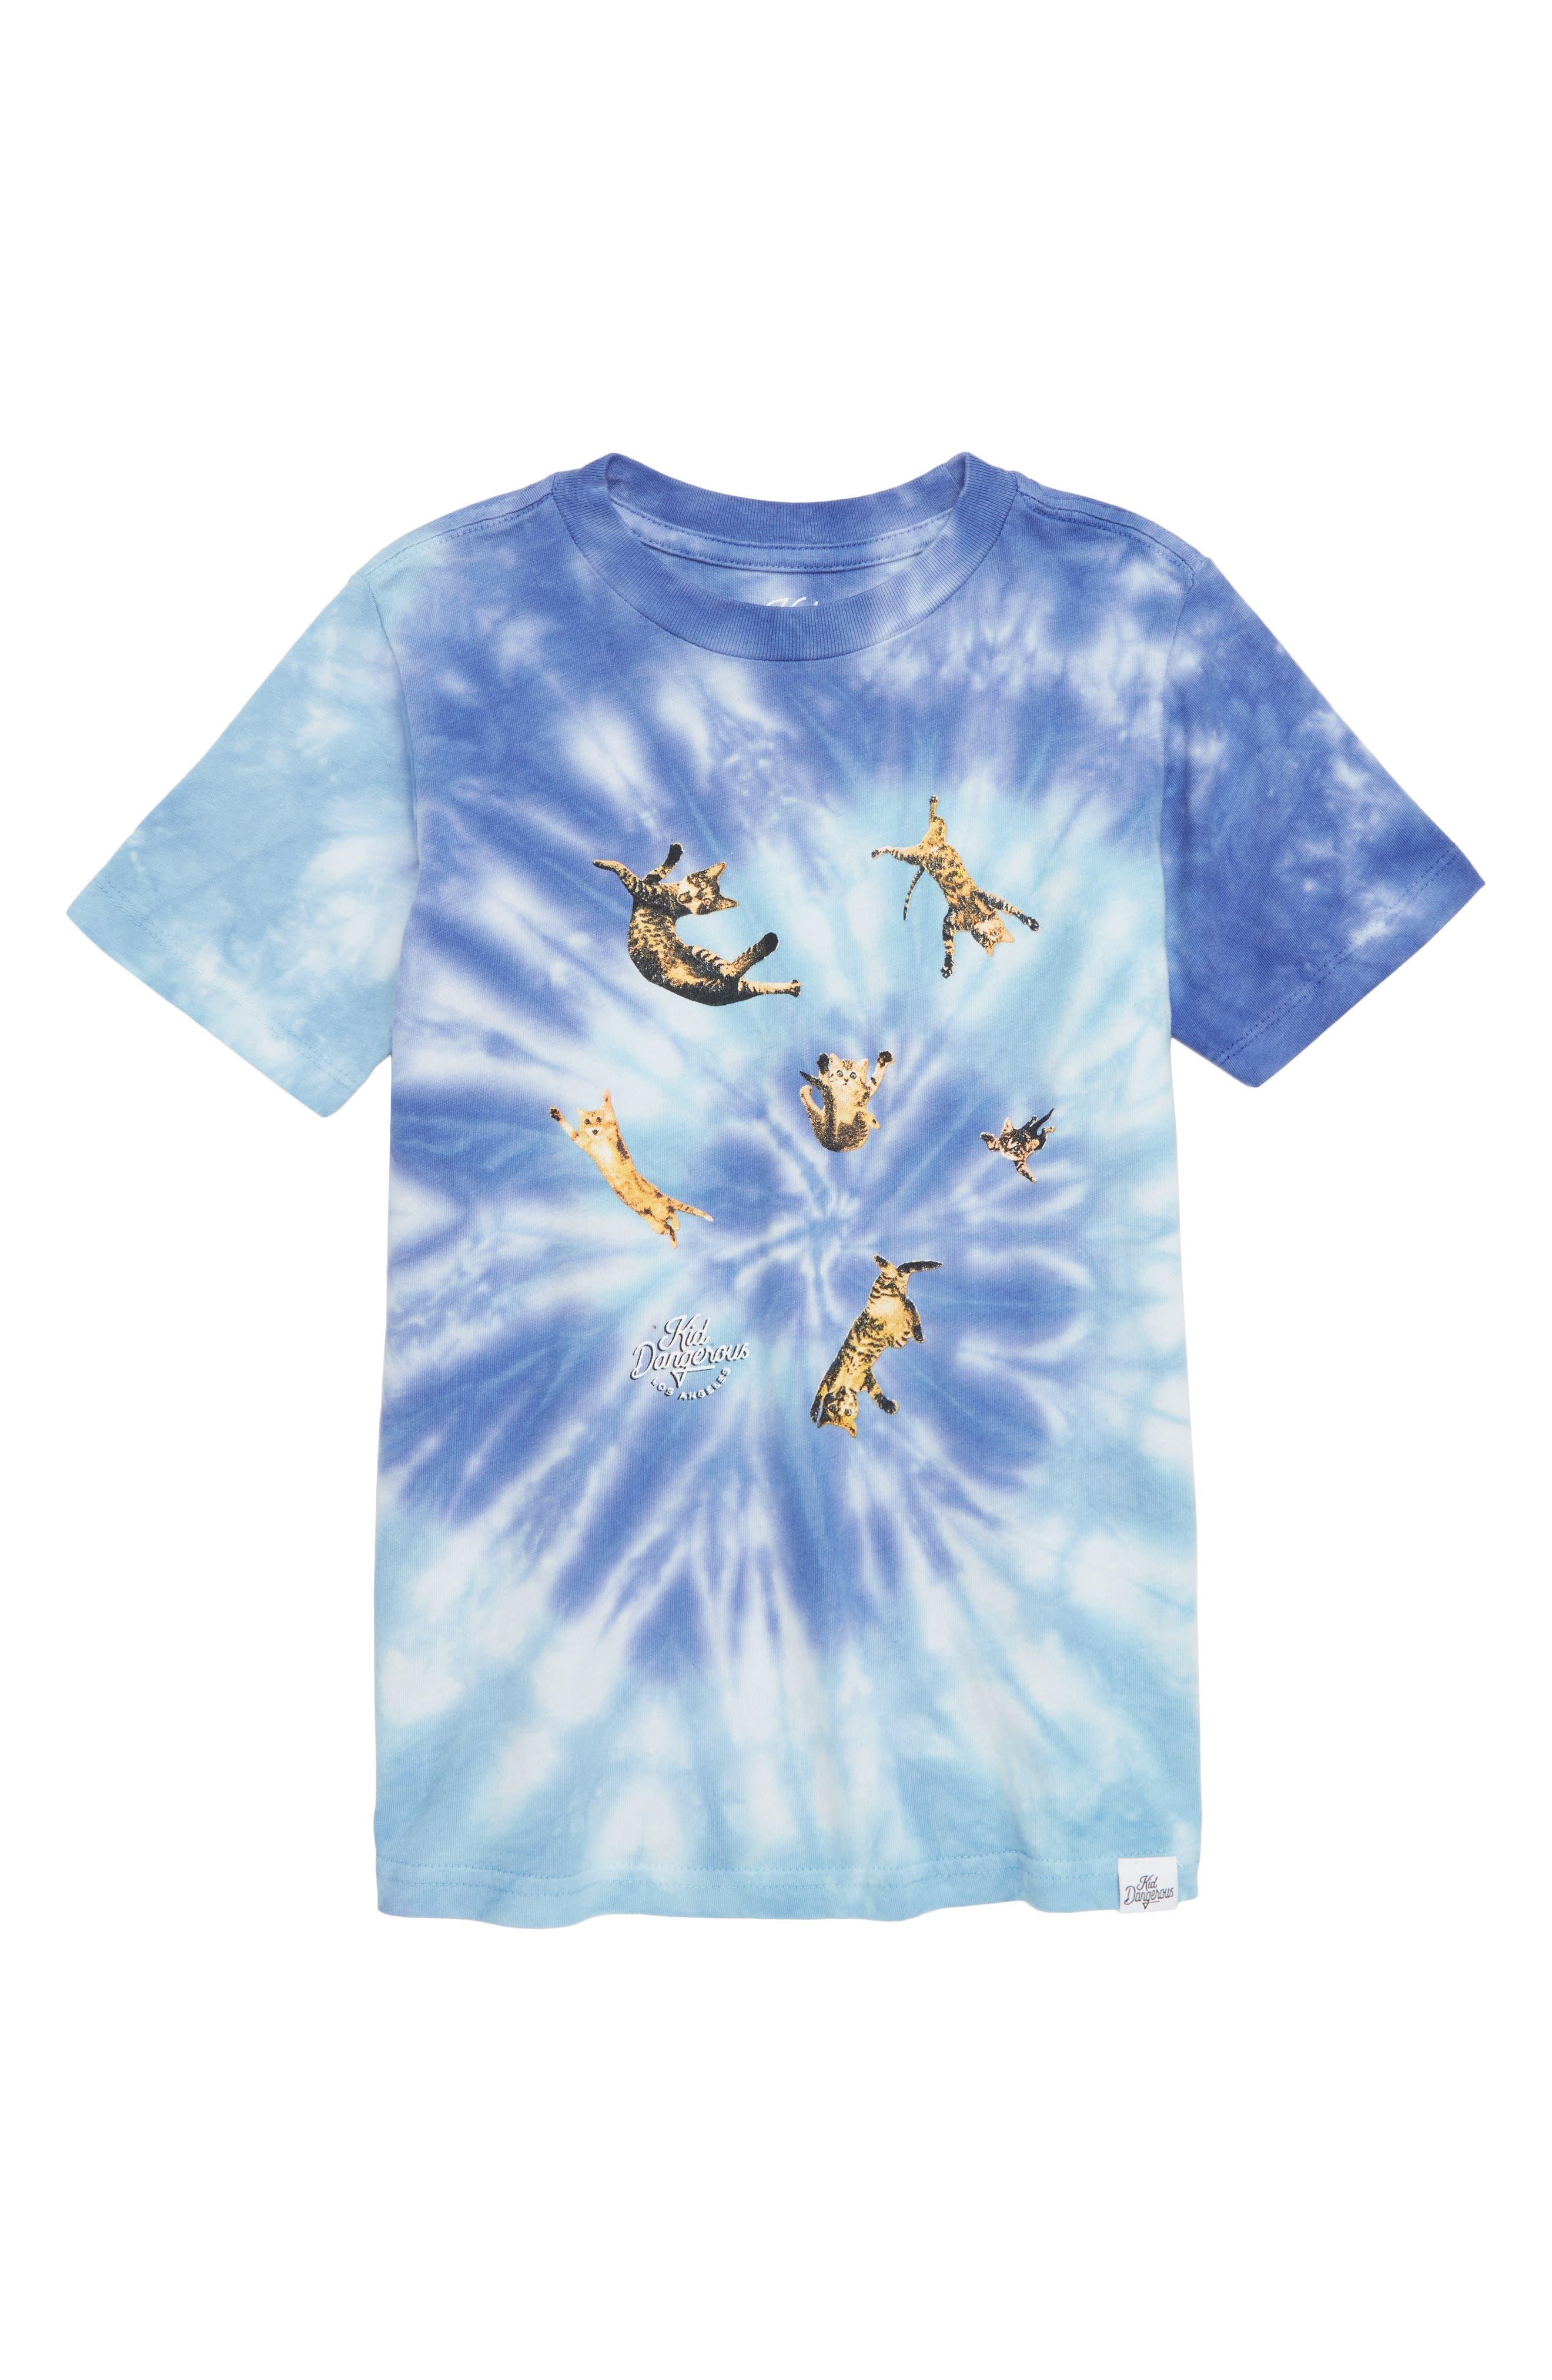 Catnado Graphic T-Shirt,                         Main,                         color, BLUE